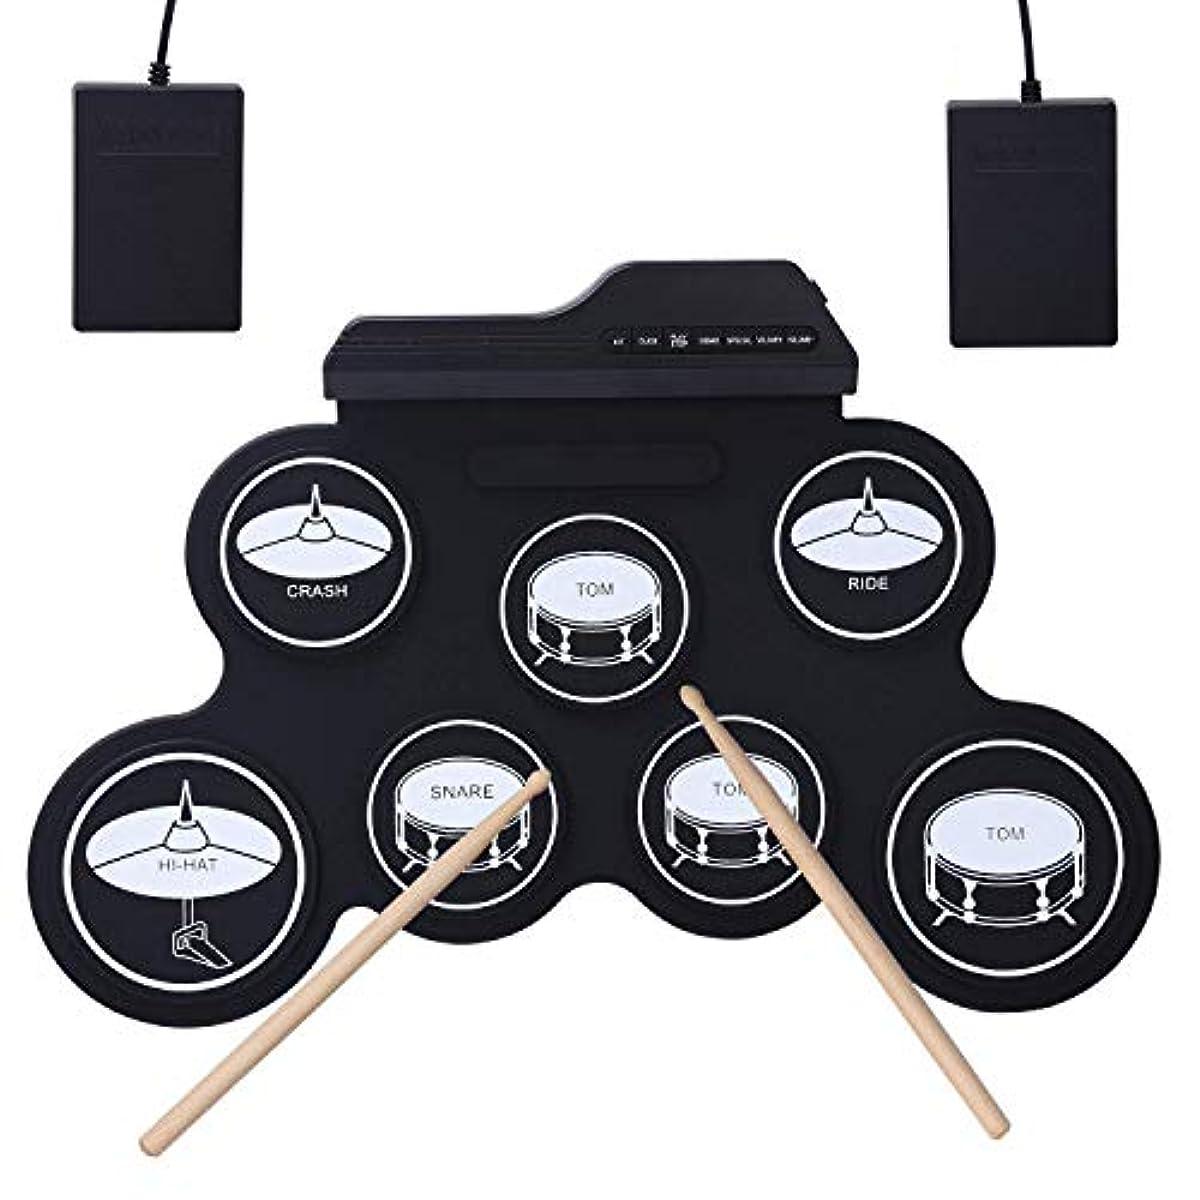 [해외] 롤업 전자 드럼 키트 접는식의 음악 엔터테인먼트 연습2풋 페달과 2드럼 스틱 아이와 드럼 초심자를 위한 포터블 전자 드럼